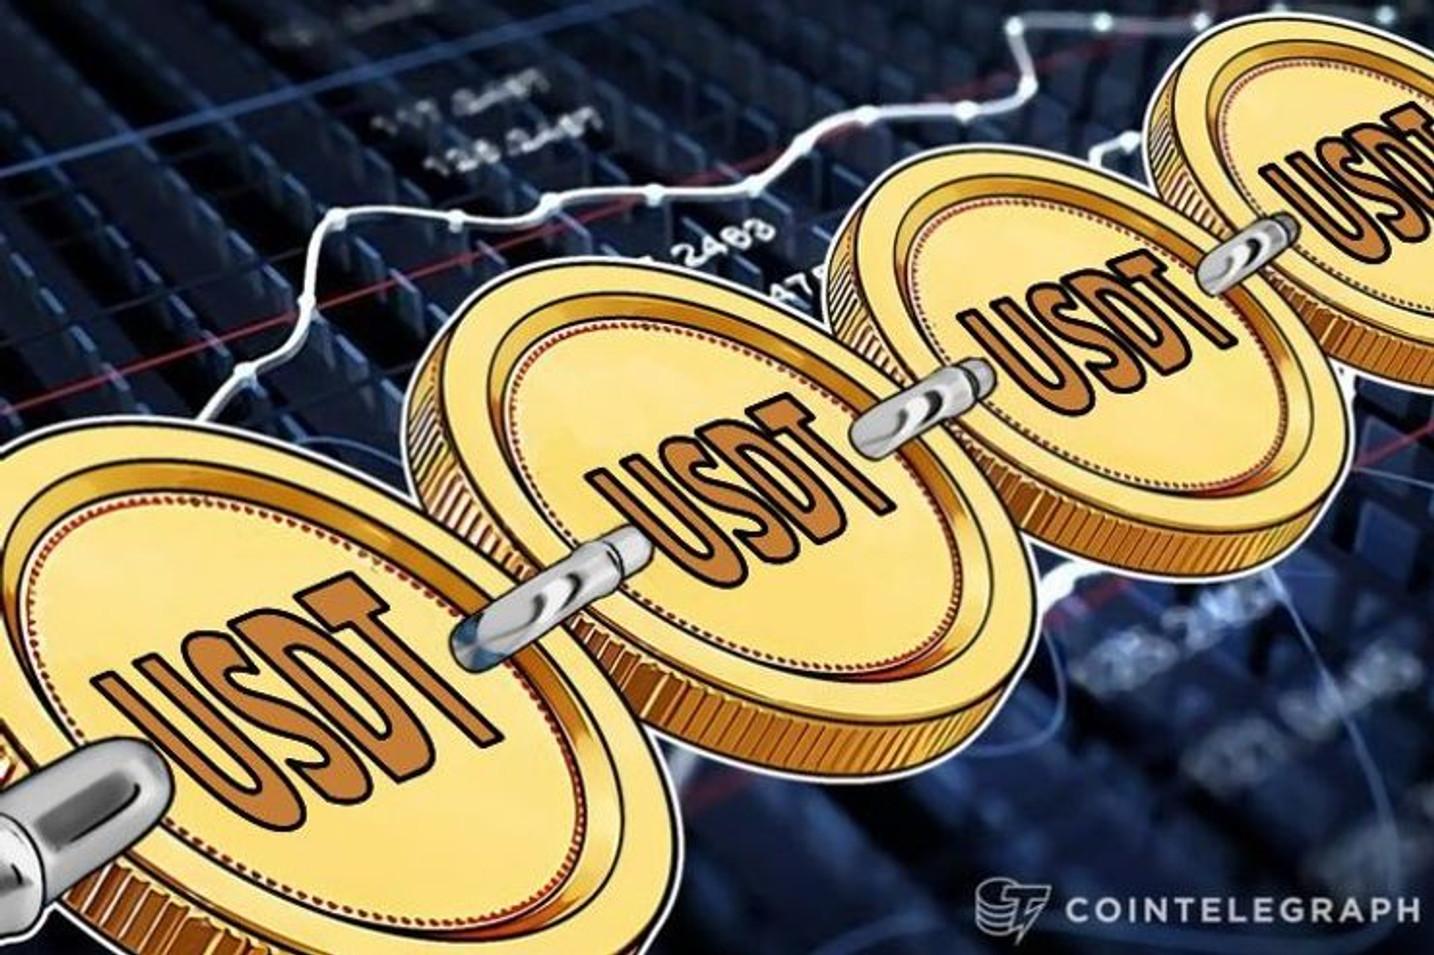 ビットコイン急騰、仮想通貨テザーの信用危機で資金がBTCへ逃避